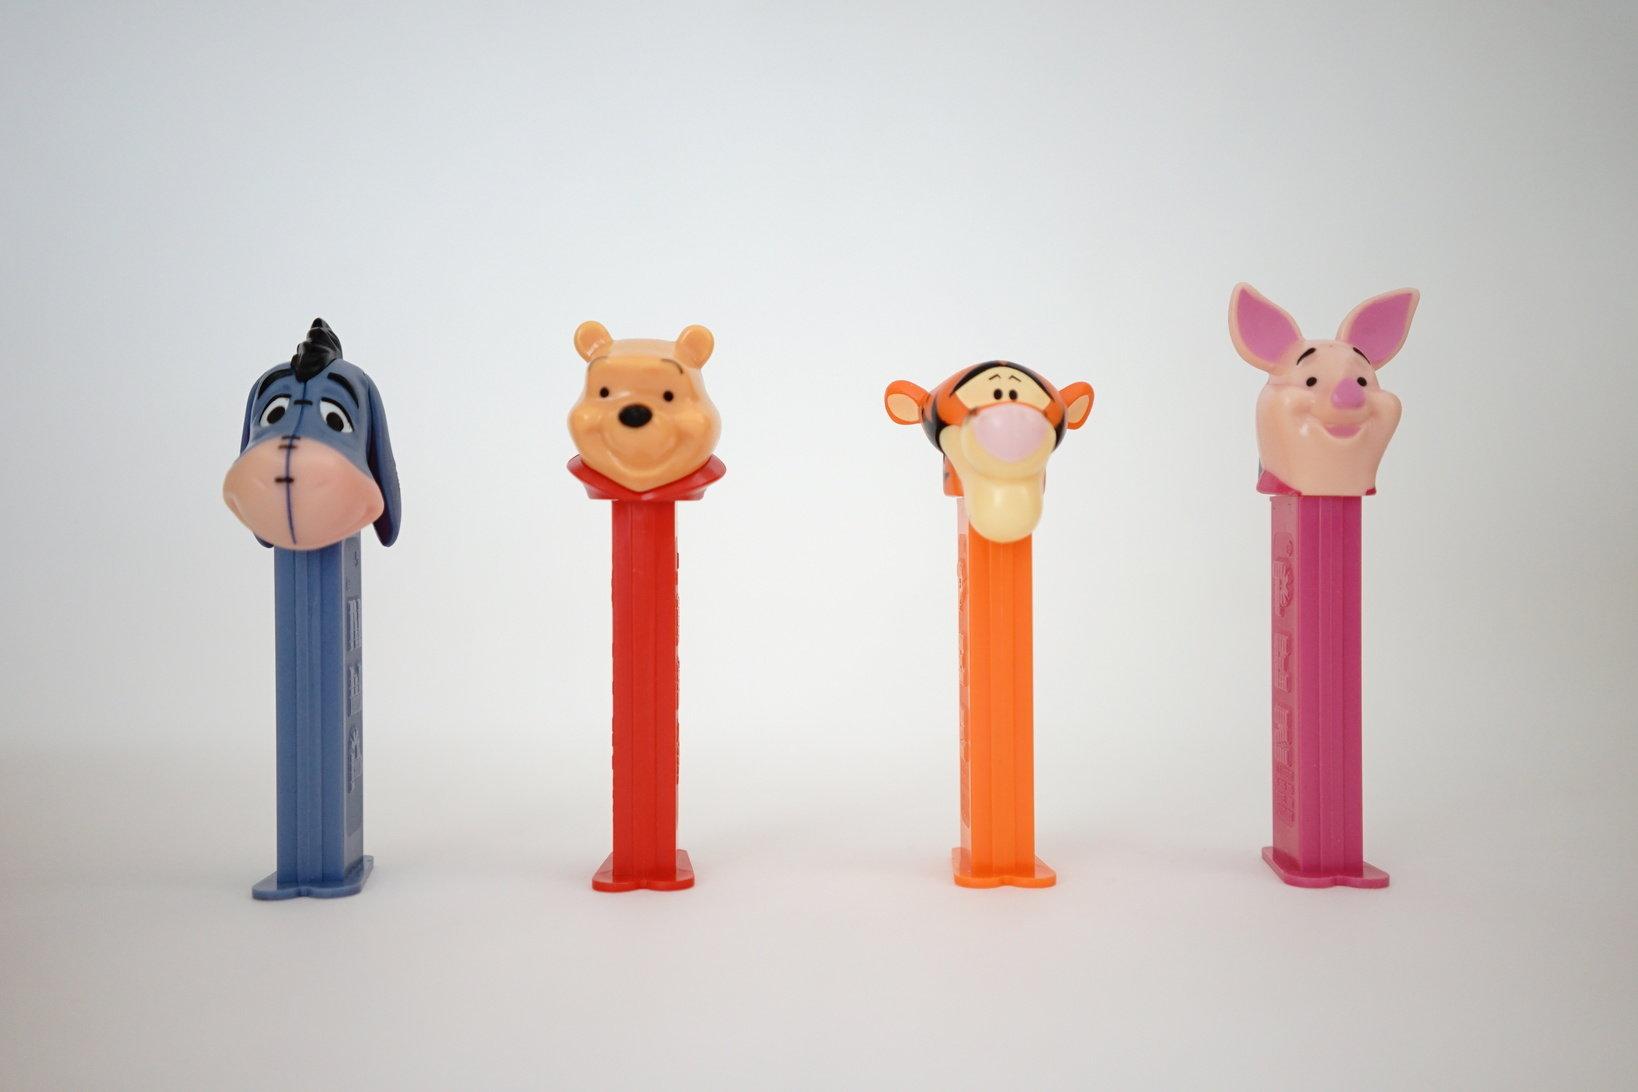 (左から)イーヨー、プーさん、ティガー、ピグレット